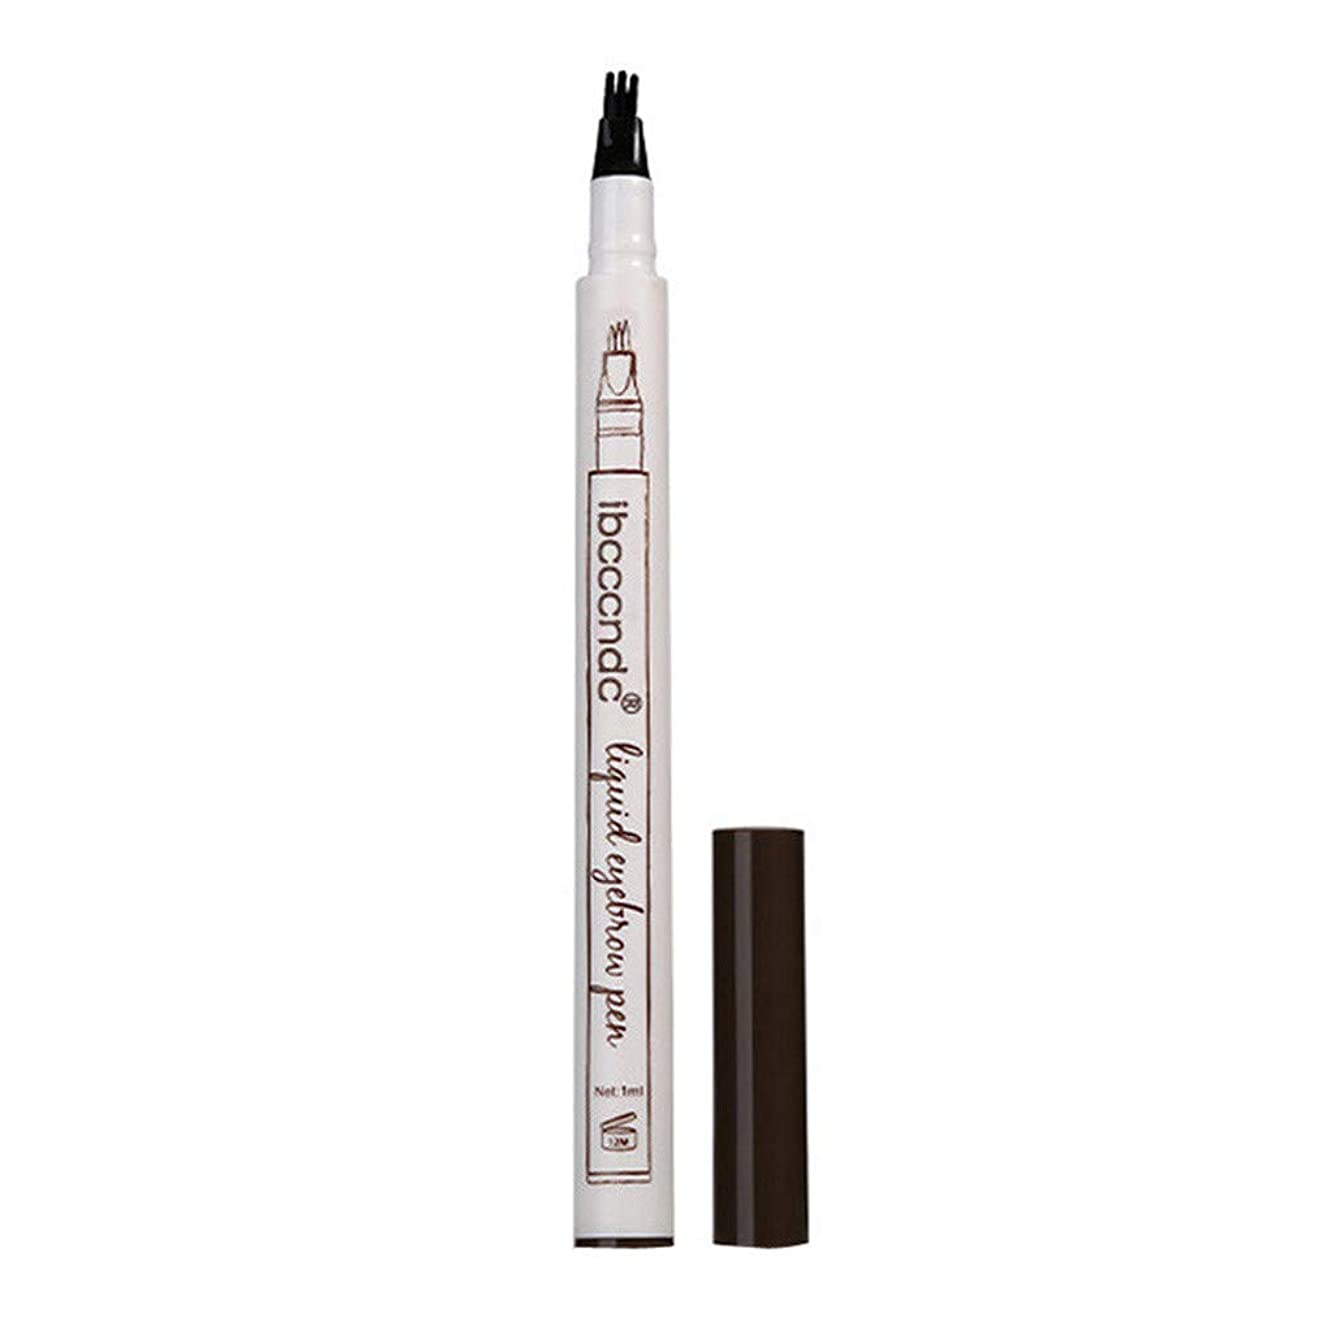 にはまって時代遅れ道3本眉タトゥーペン防水フォークチップスケッチ化粧ペンマイクロブレードインク